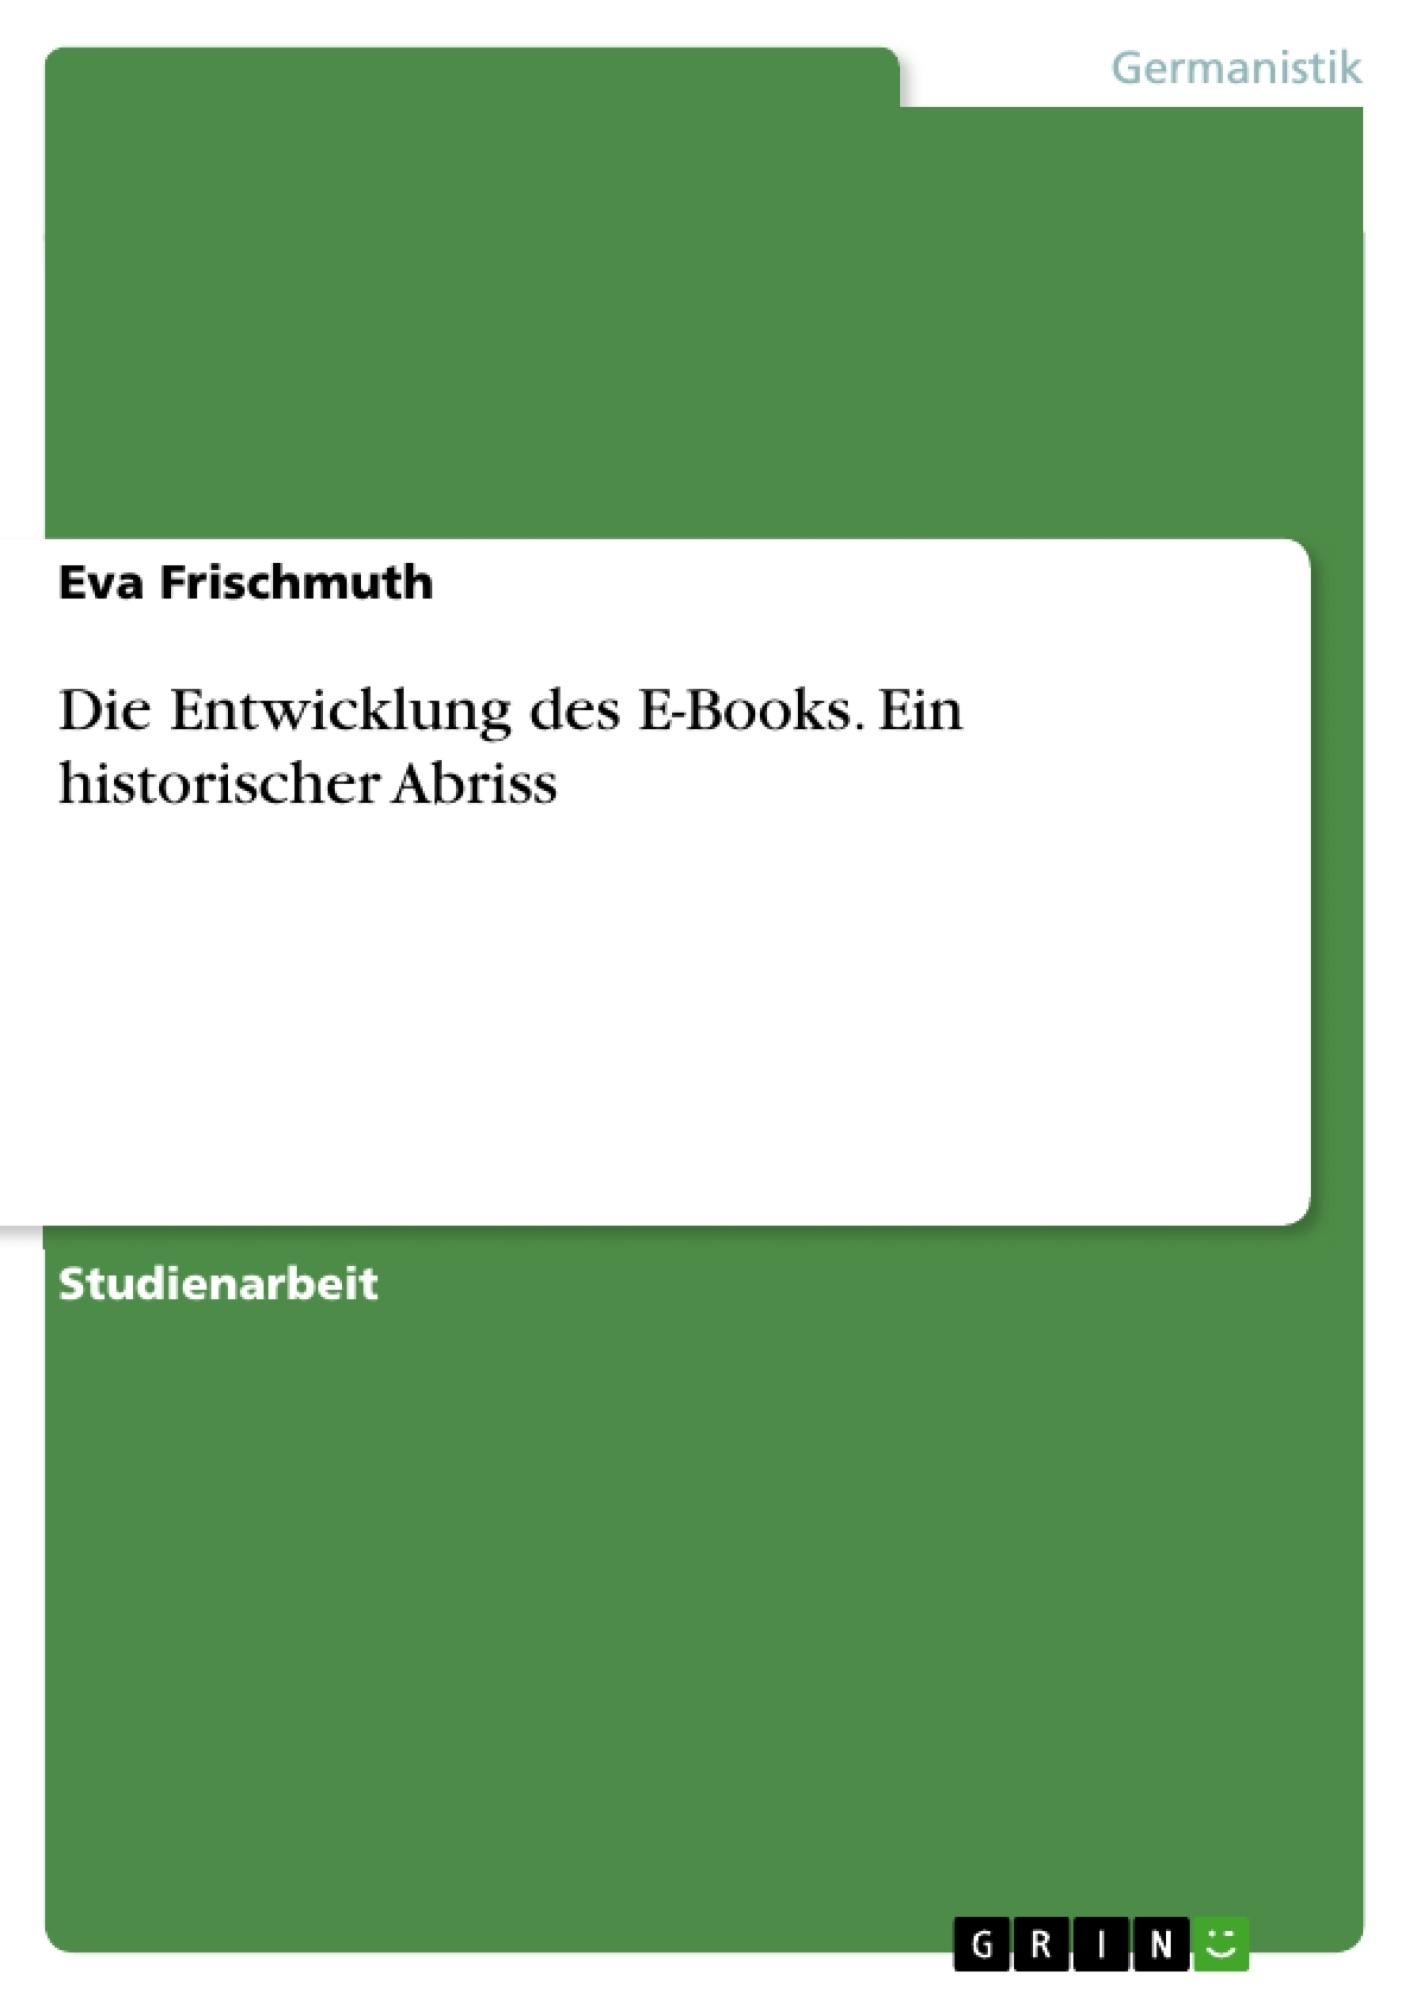 Titel: Die Entwicklung des E-Books. Ein historischer Abriss